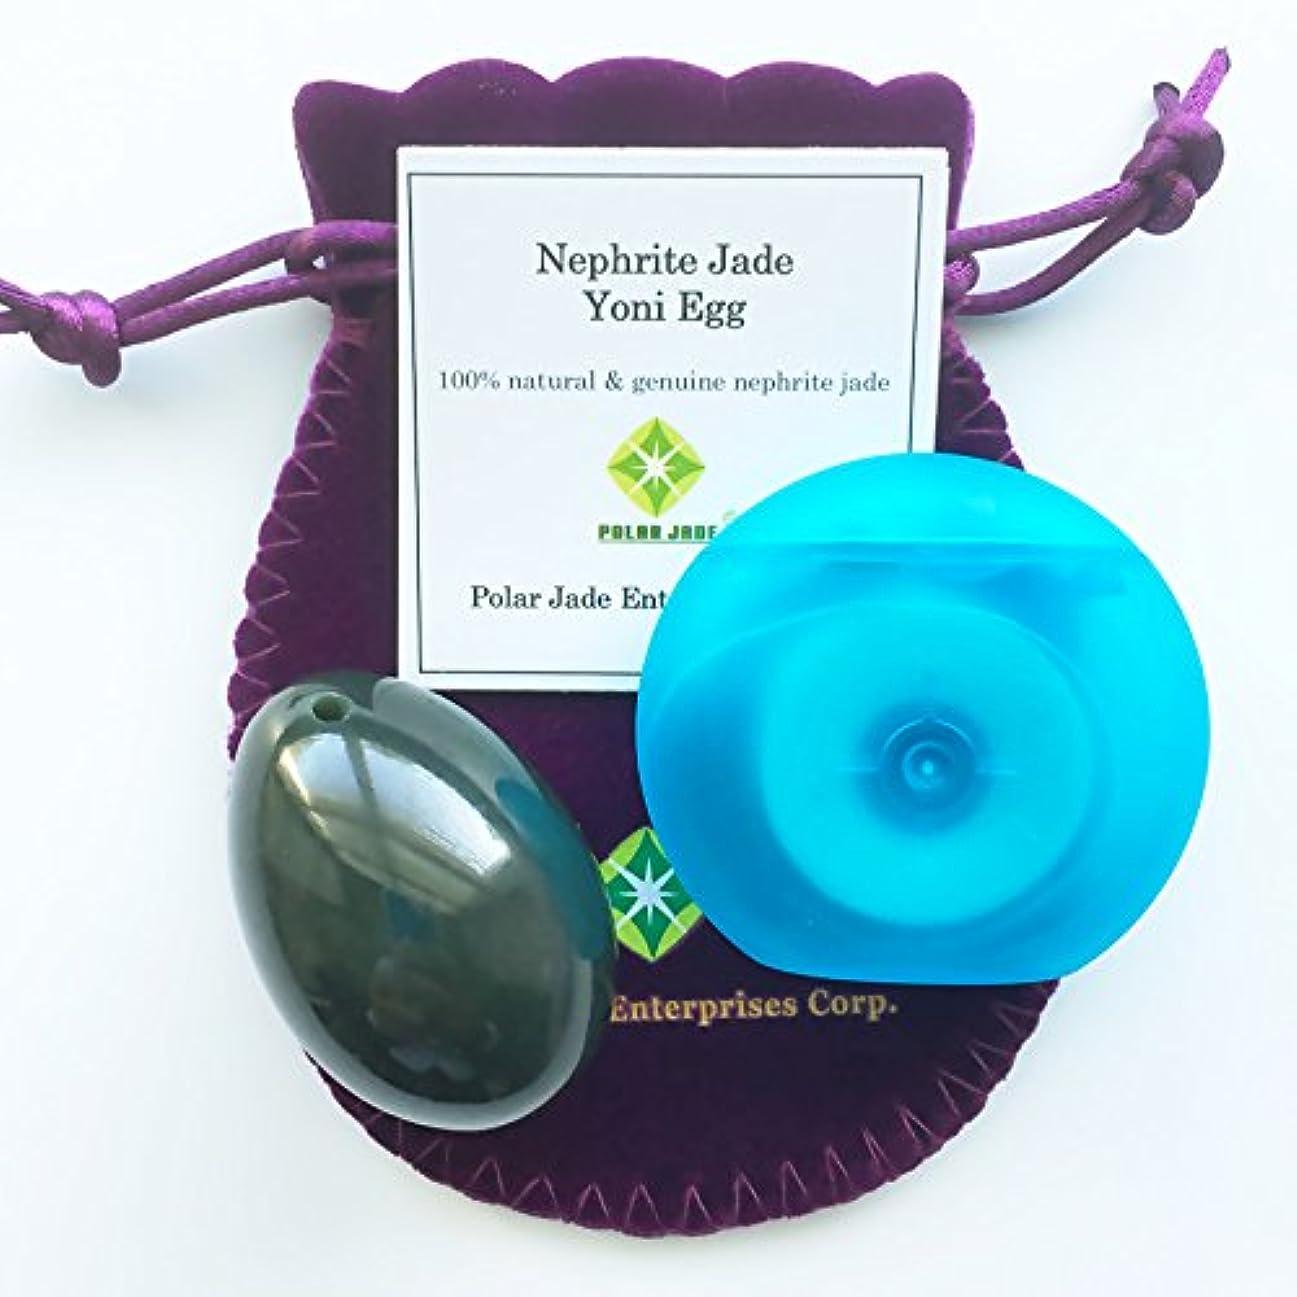 米ドルリビジョン混乱させるネフライト翡翠卵(ジェイドエッグ)、紐穴あり、ワックス加工のされていないデンタルフロス一箱同梱、品質証明書及びエッグ?エクササイズの使用説明書(英語)付き、パワーストーンとしても好適 (Nephrite Jade Egg...